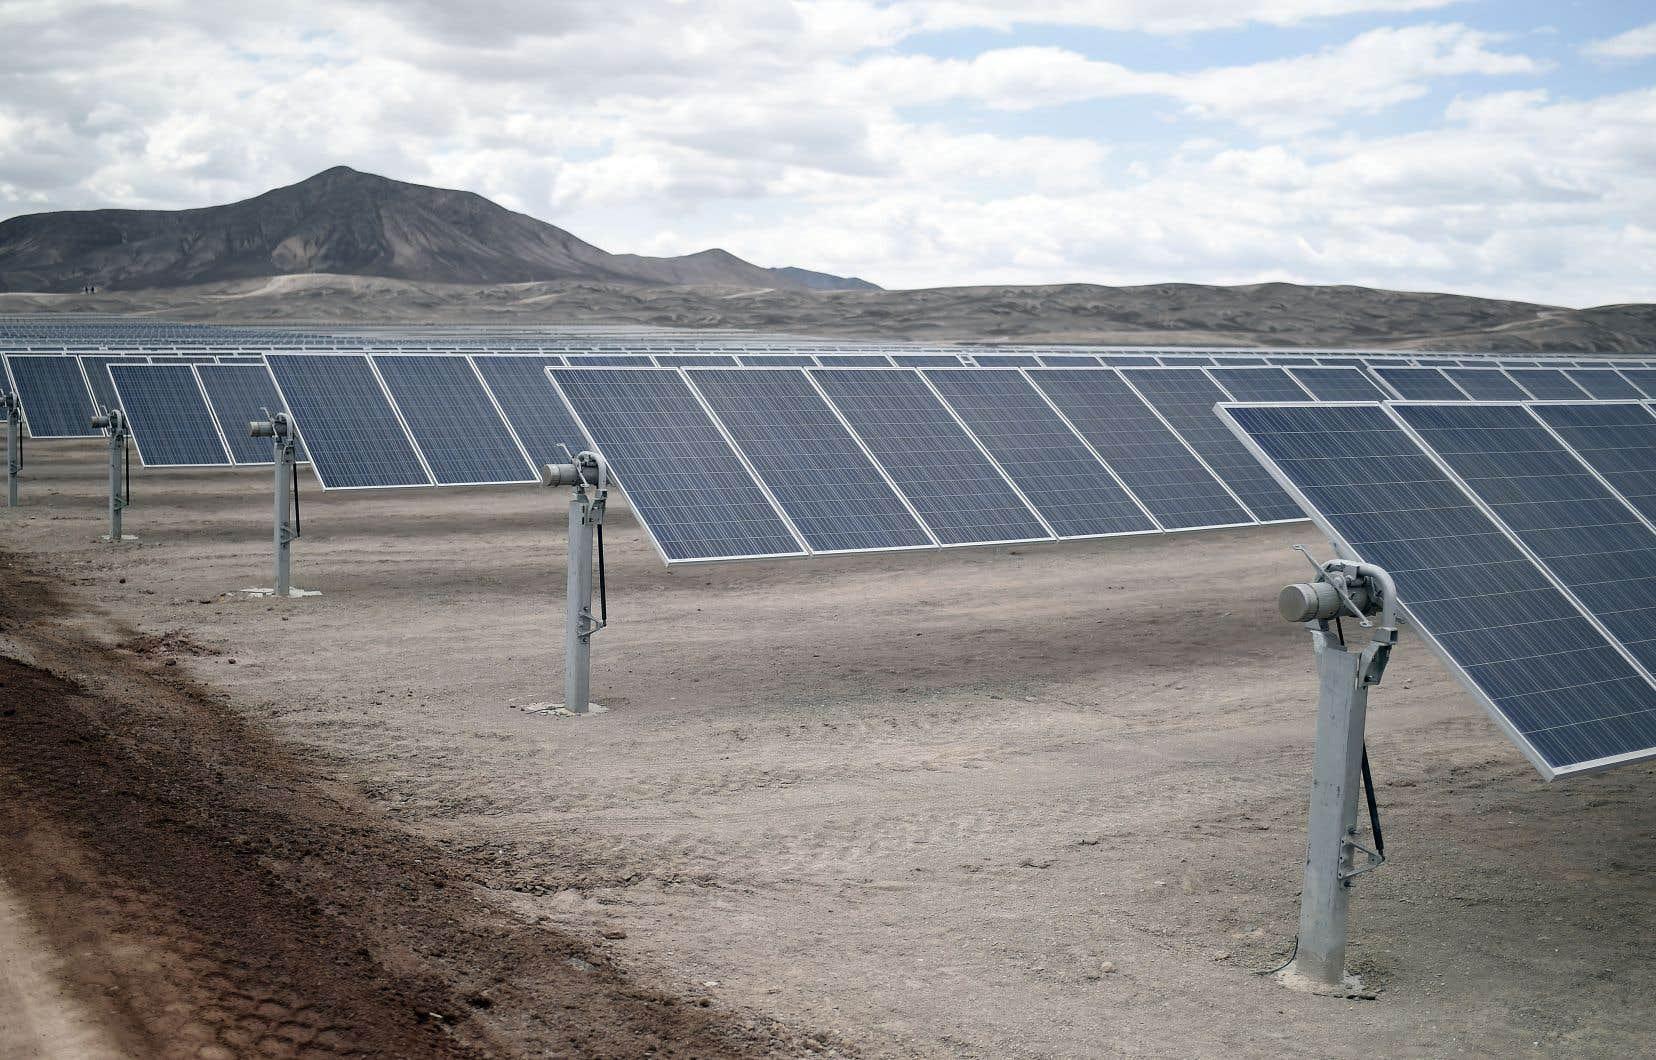 Suzuki et Hanington saluent la naissance d'une nouvelle économie axée sur l'exploitation des énergies renouvelables.